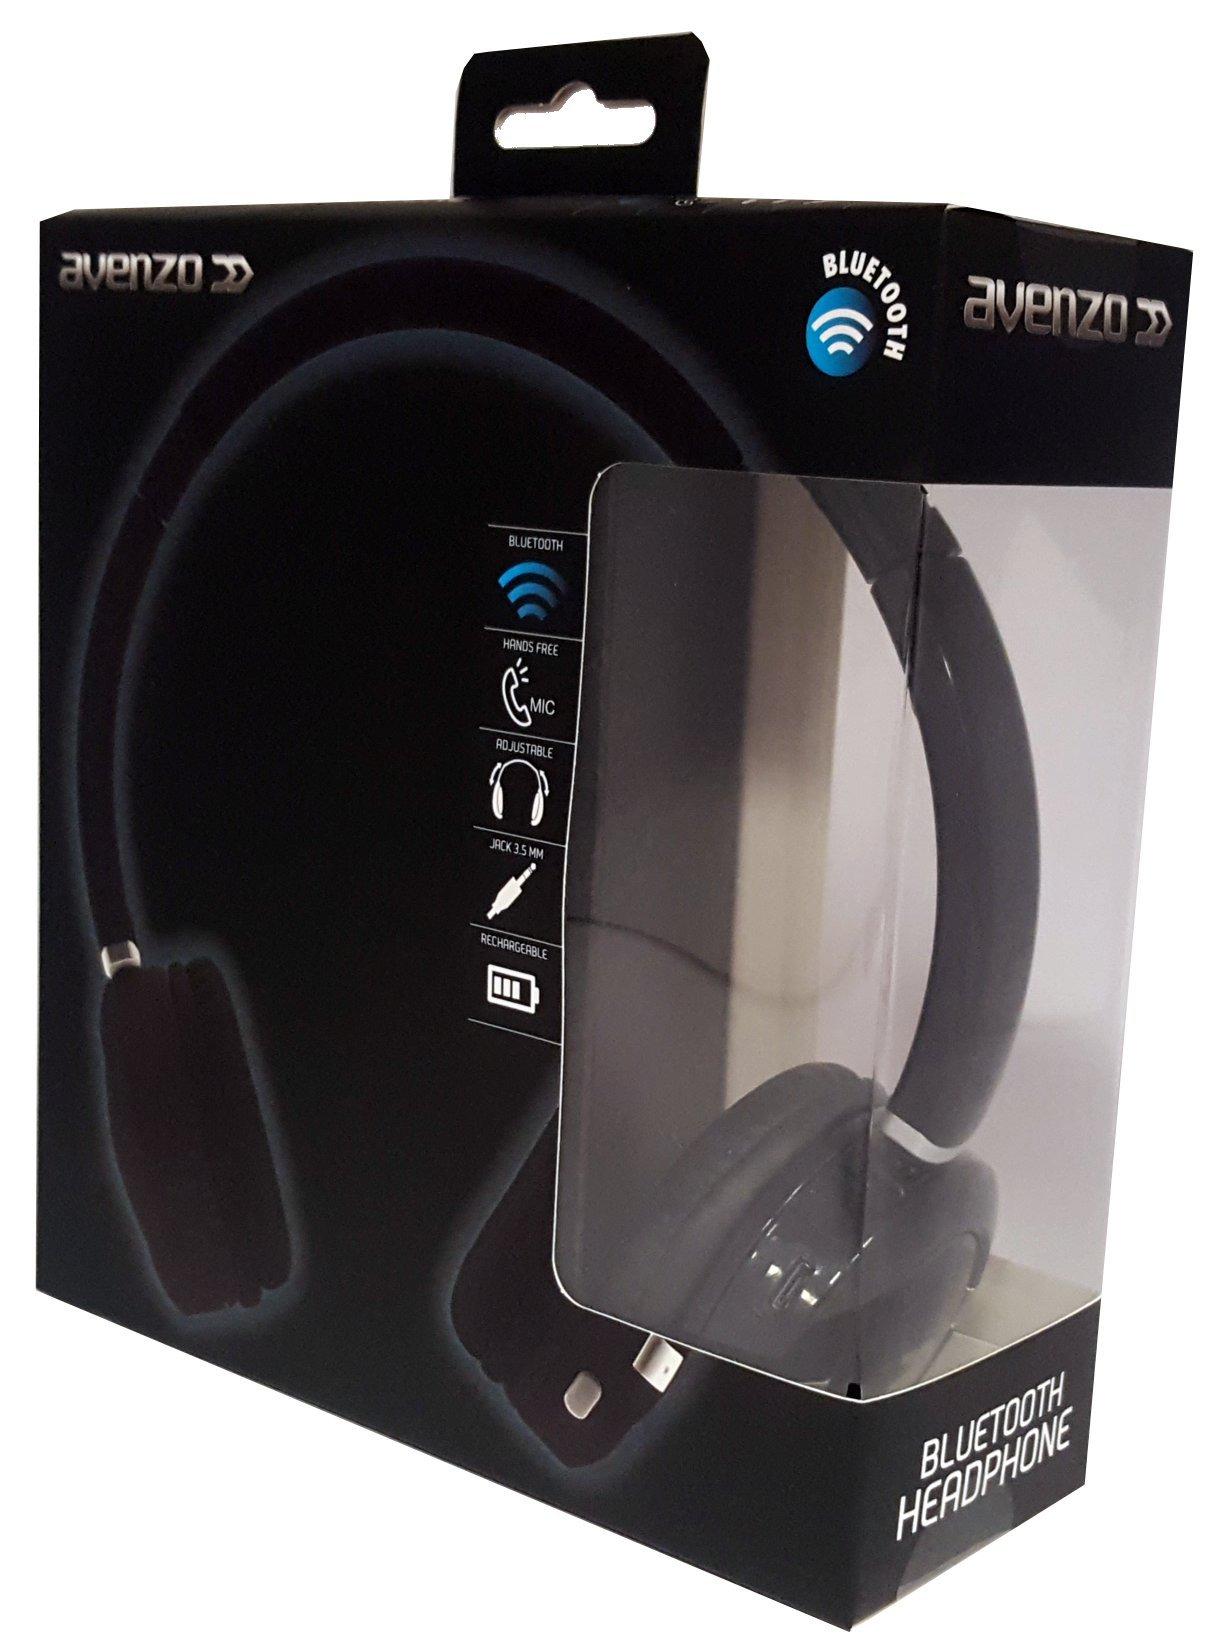 Avenzo AV618NG - Auricular Bluetooth, Color Negro: Amazon.es: Electrónica